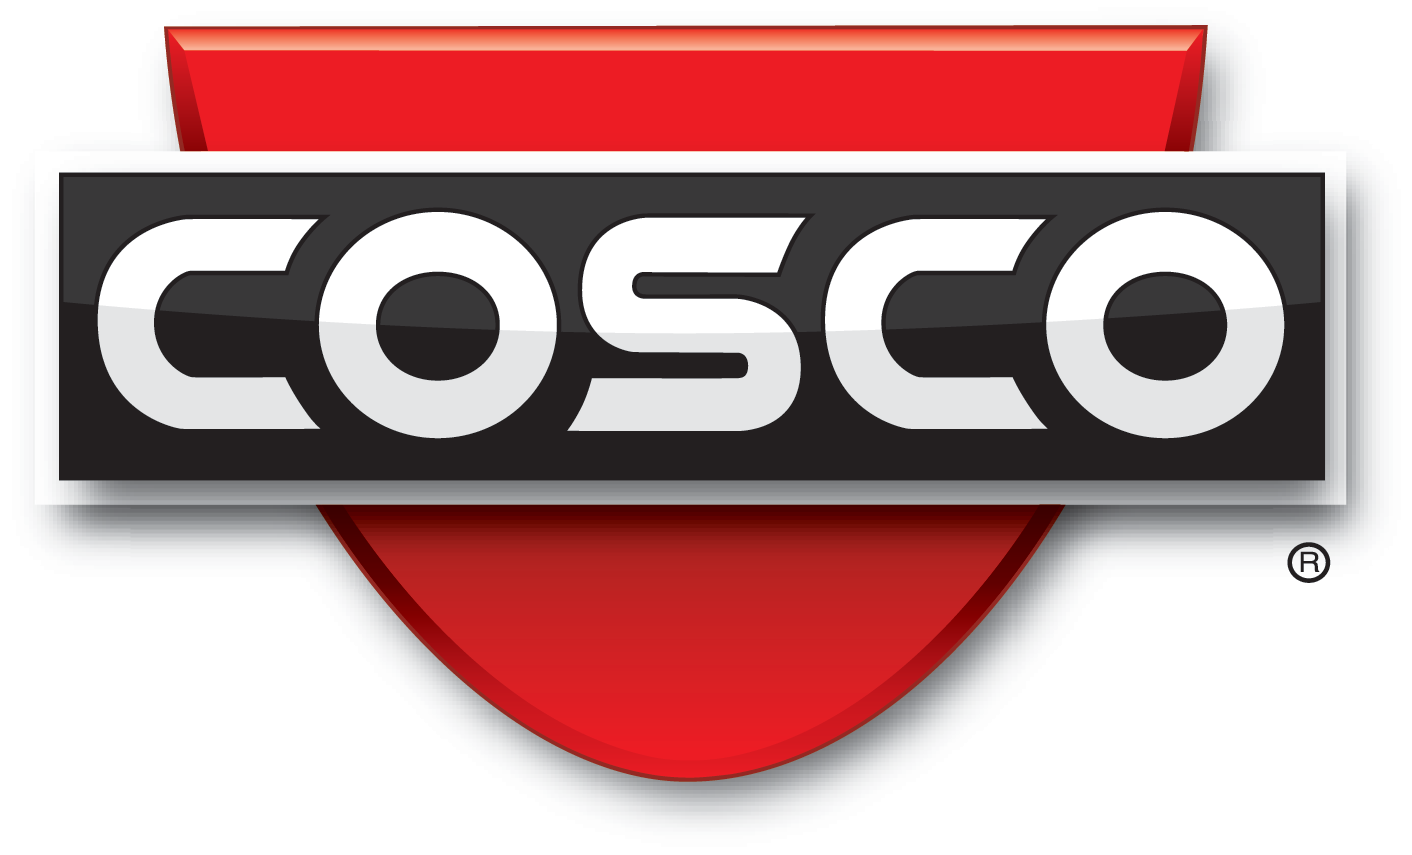 Cosco Full Color Logo